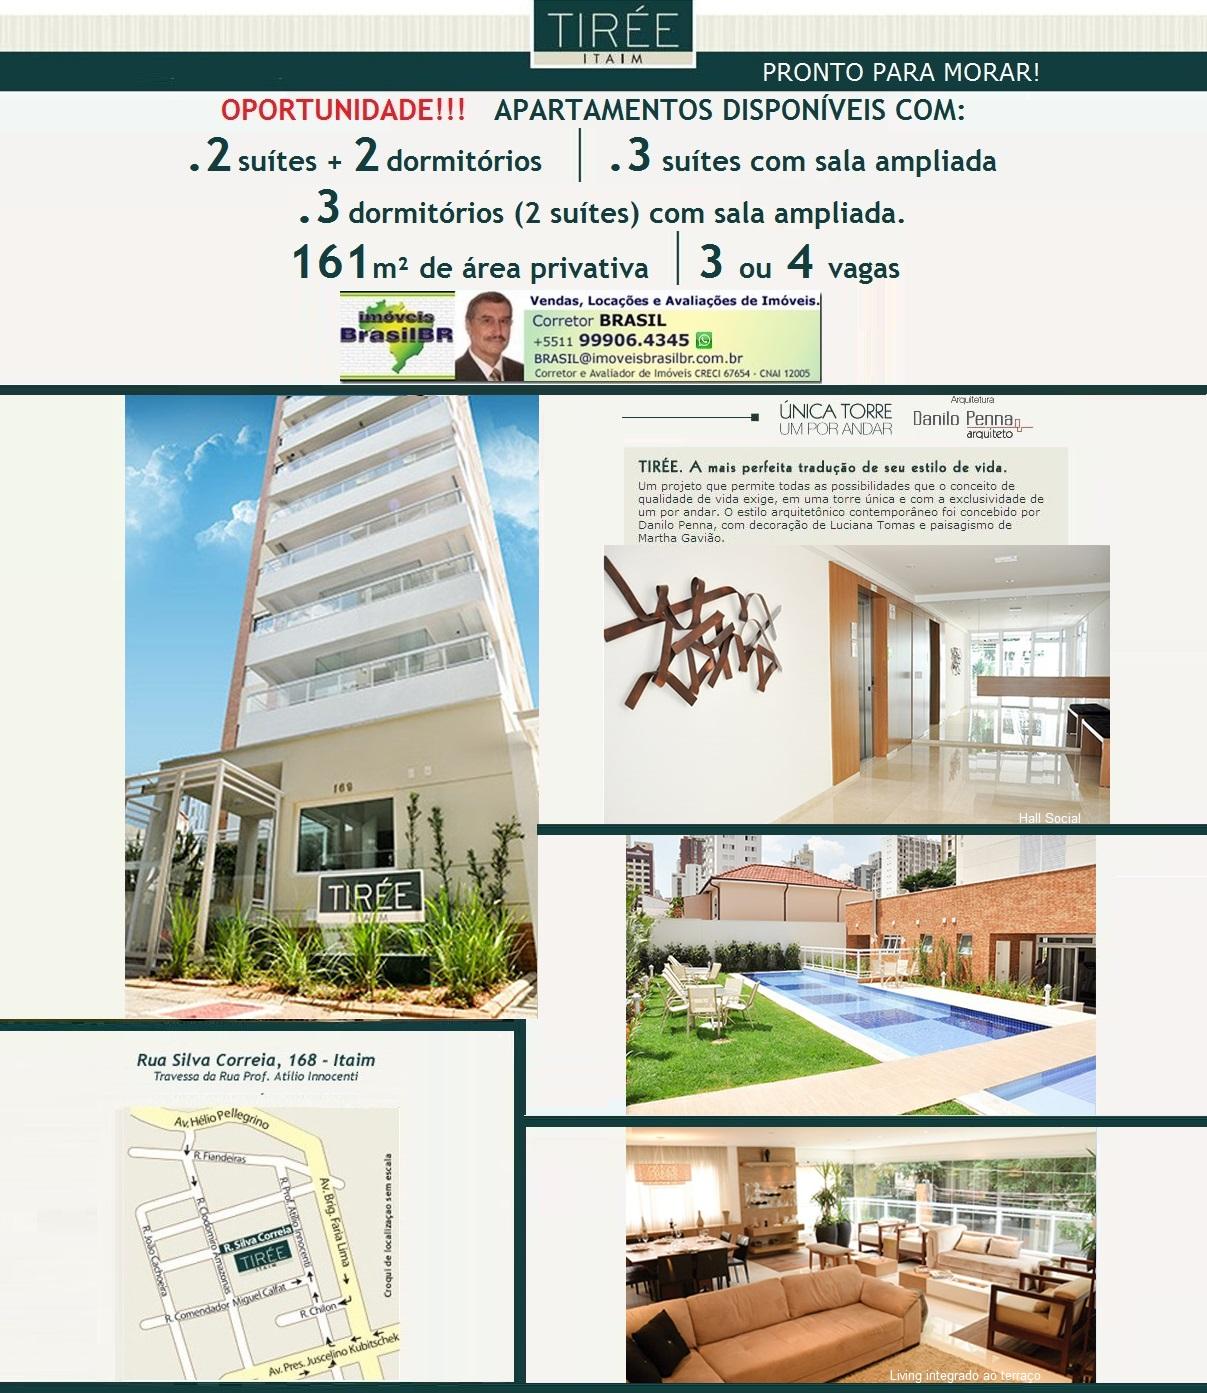 TIRÉE Itaim * Aptos de alto padrão, 1 por andar, 161m² na Rua Silva Correa, Itaim-São Paulo-SP